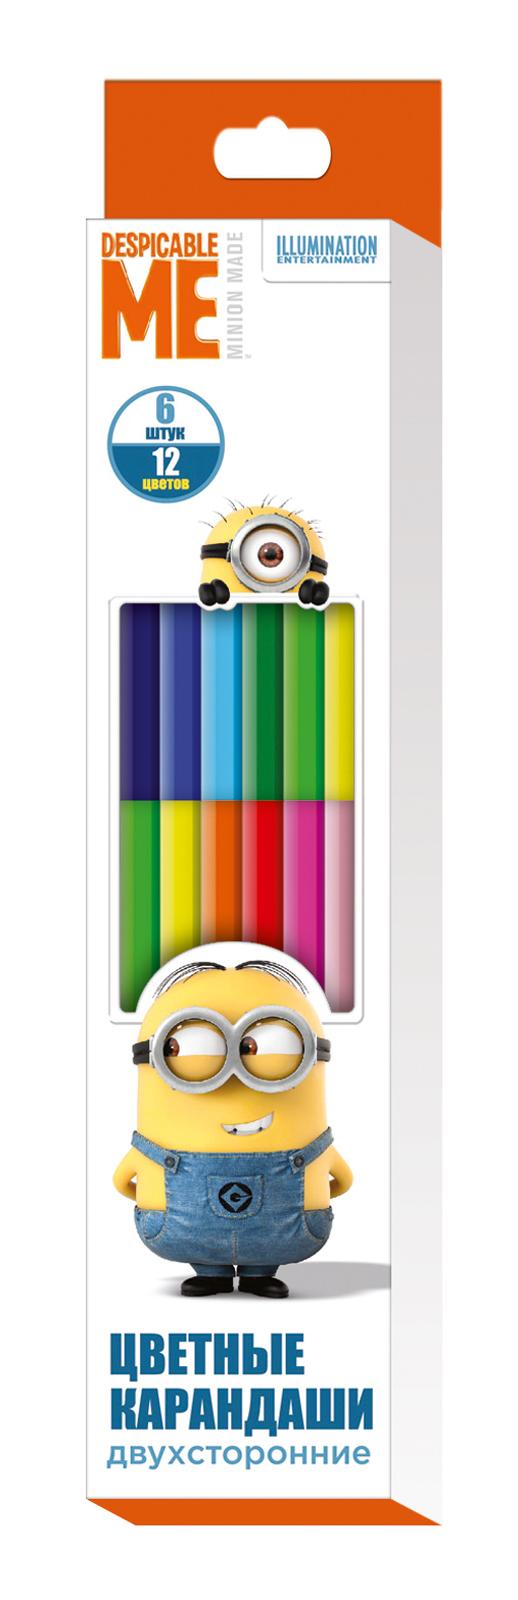 Цветные карандаши двусторонние Universal Stios «Гадкий Я»,  6 штук, 12цветов